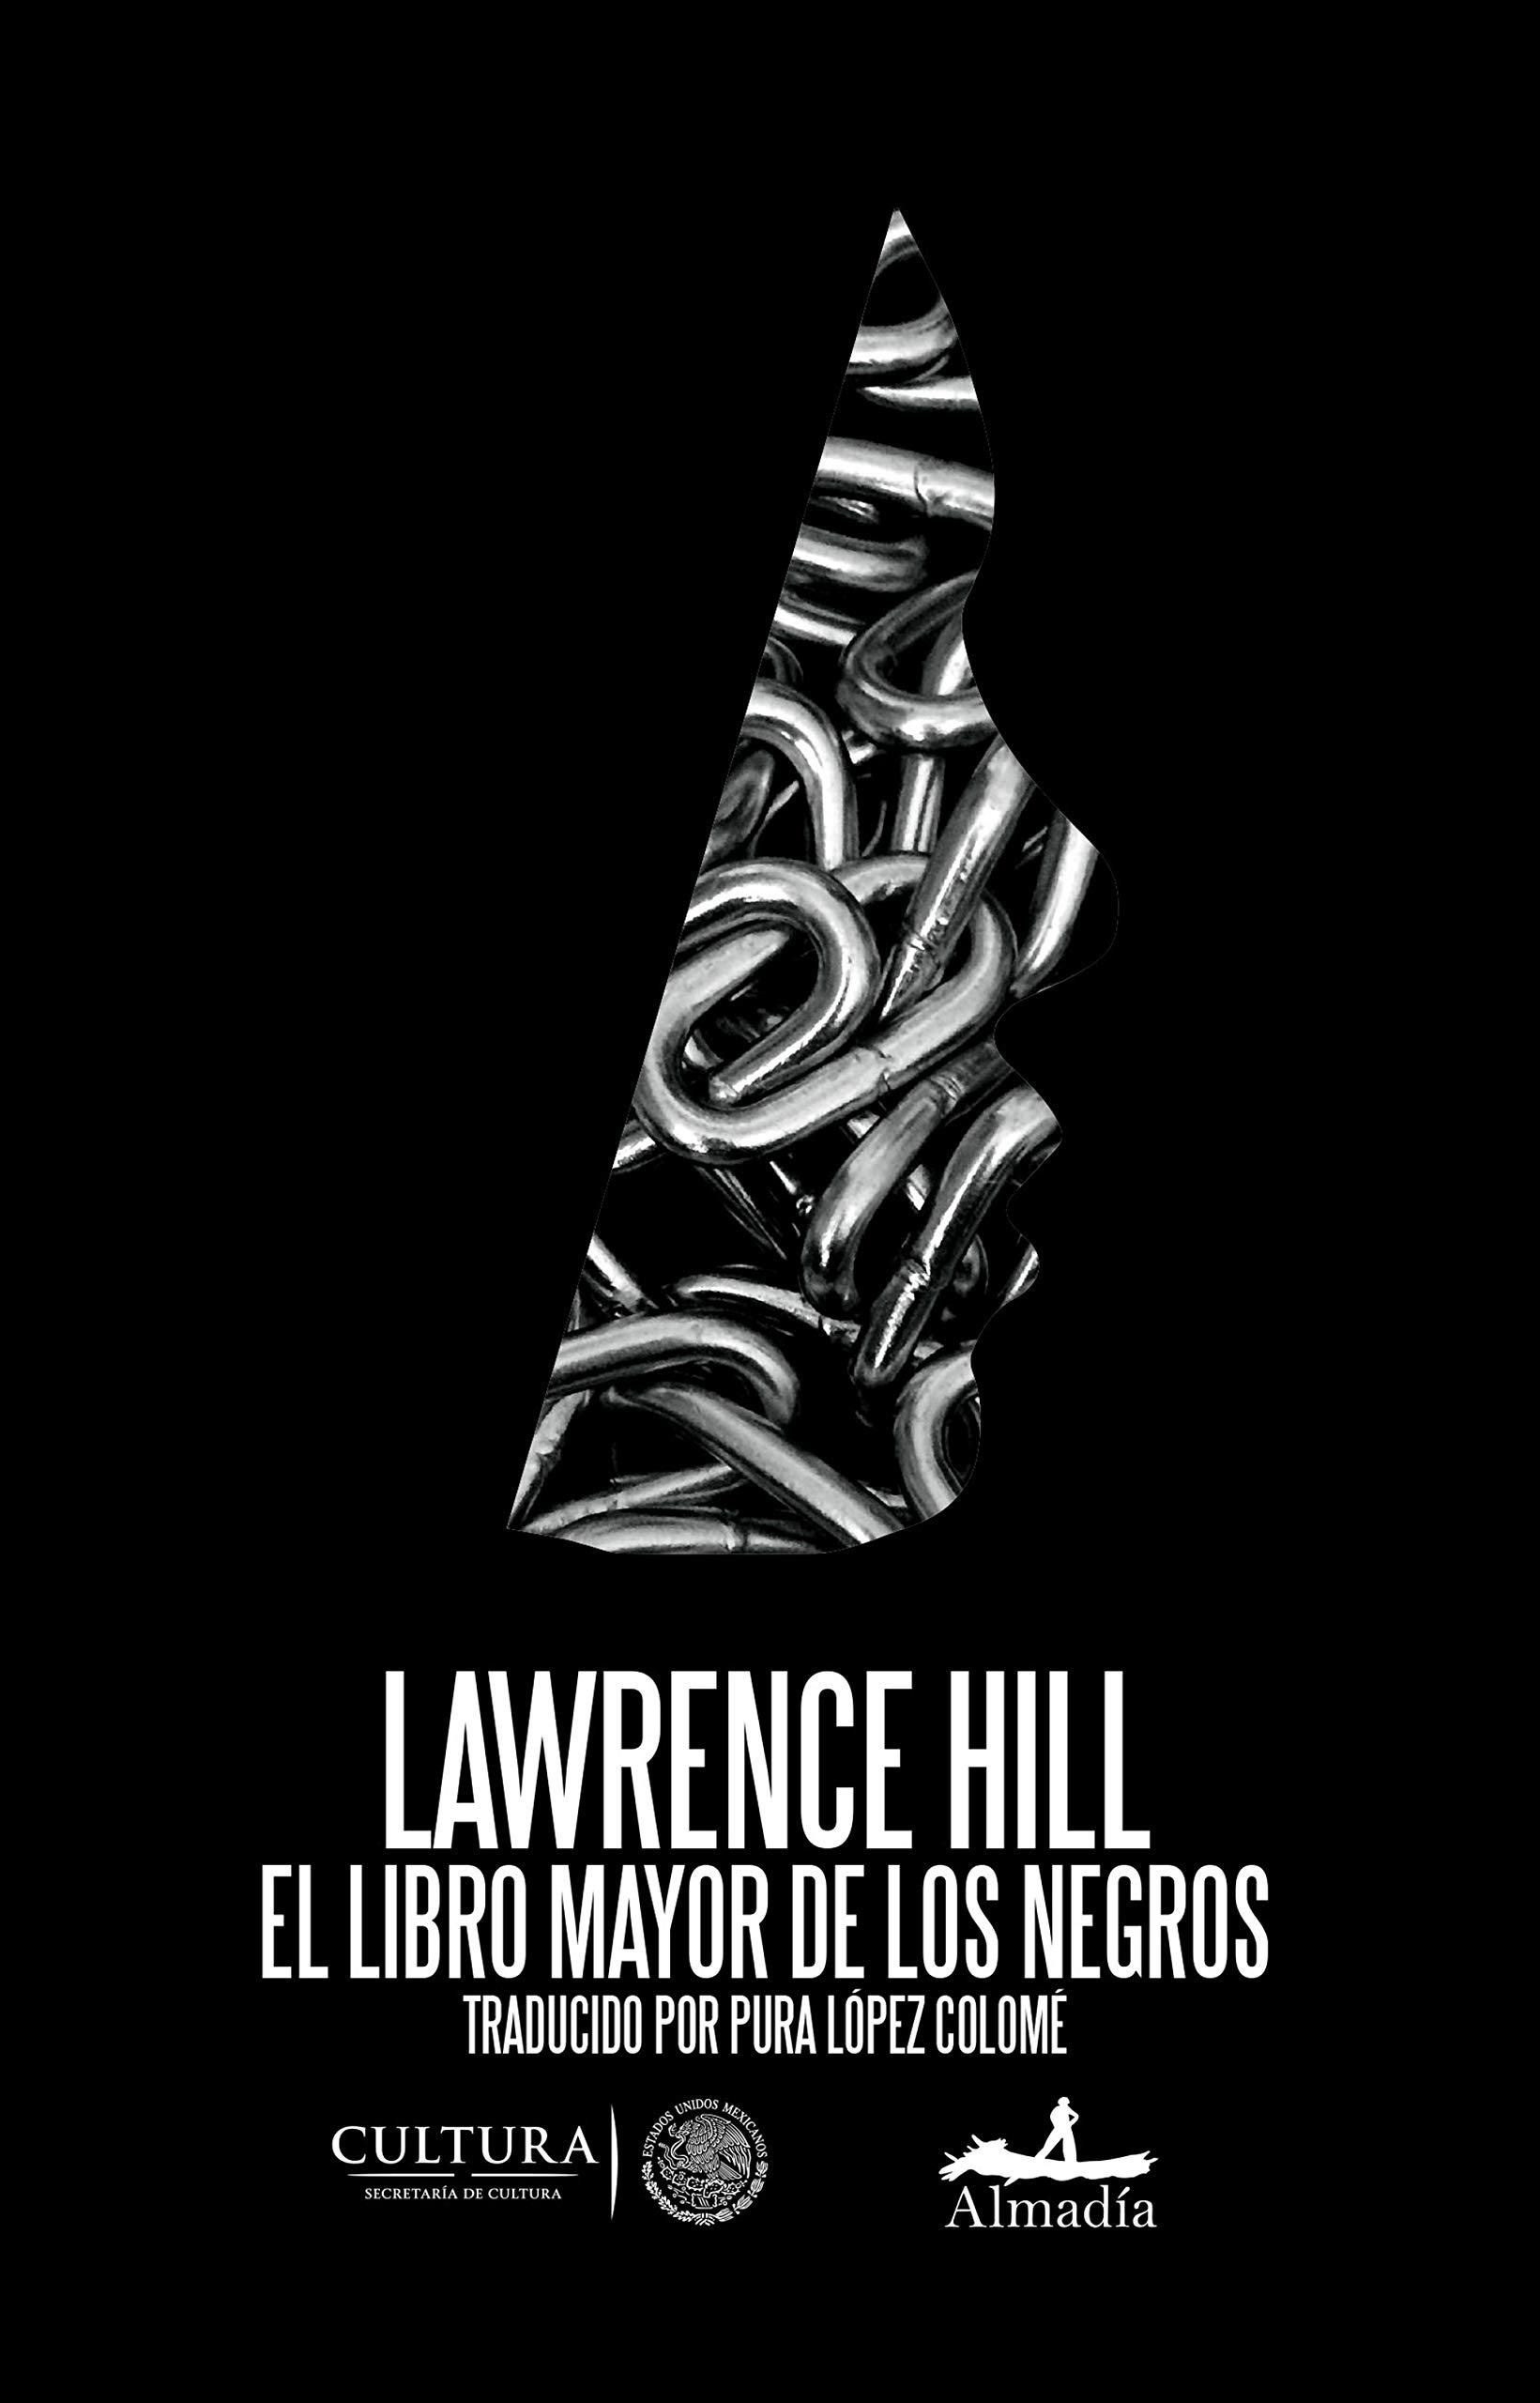 El Libro Mayor de Los Negros Tapa blanda – 30 sep 2018 Lawrence Hill EDIT ALMADIA 6078486241 African American